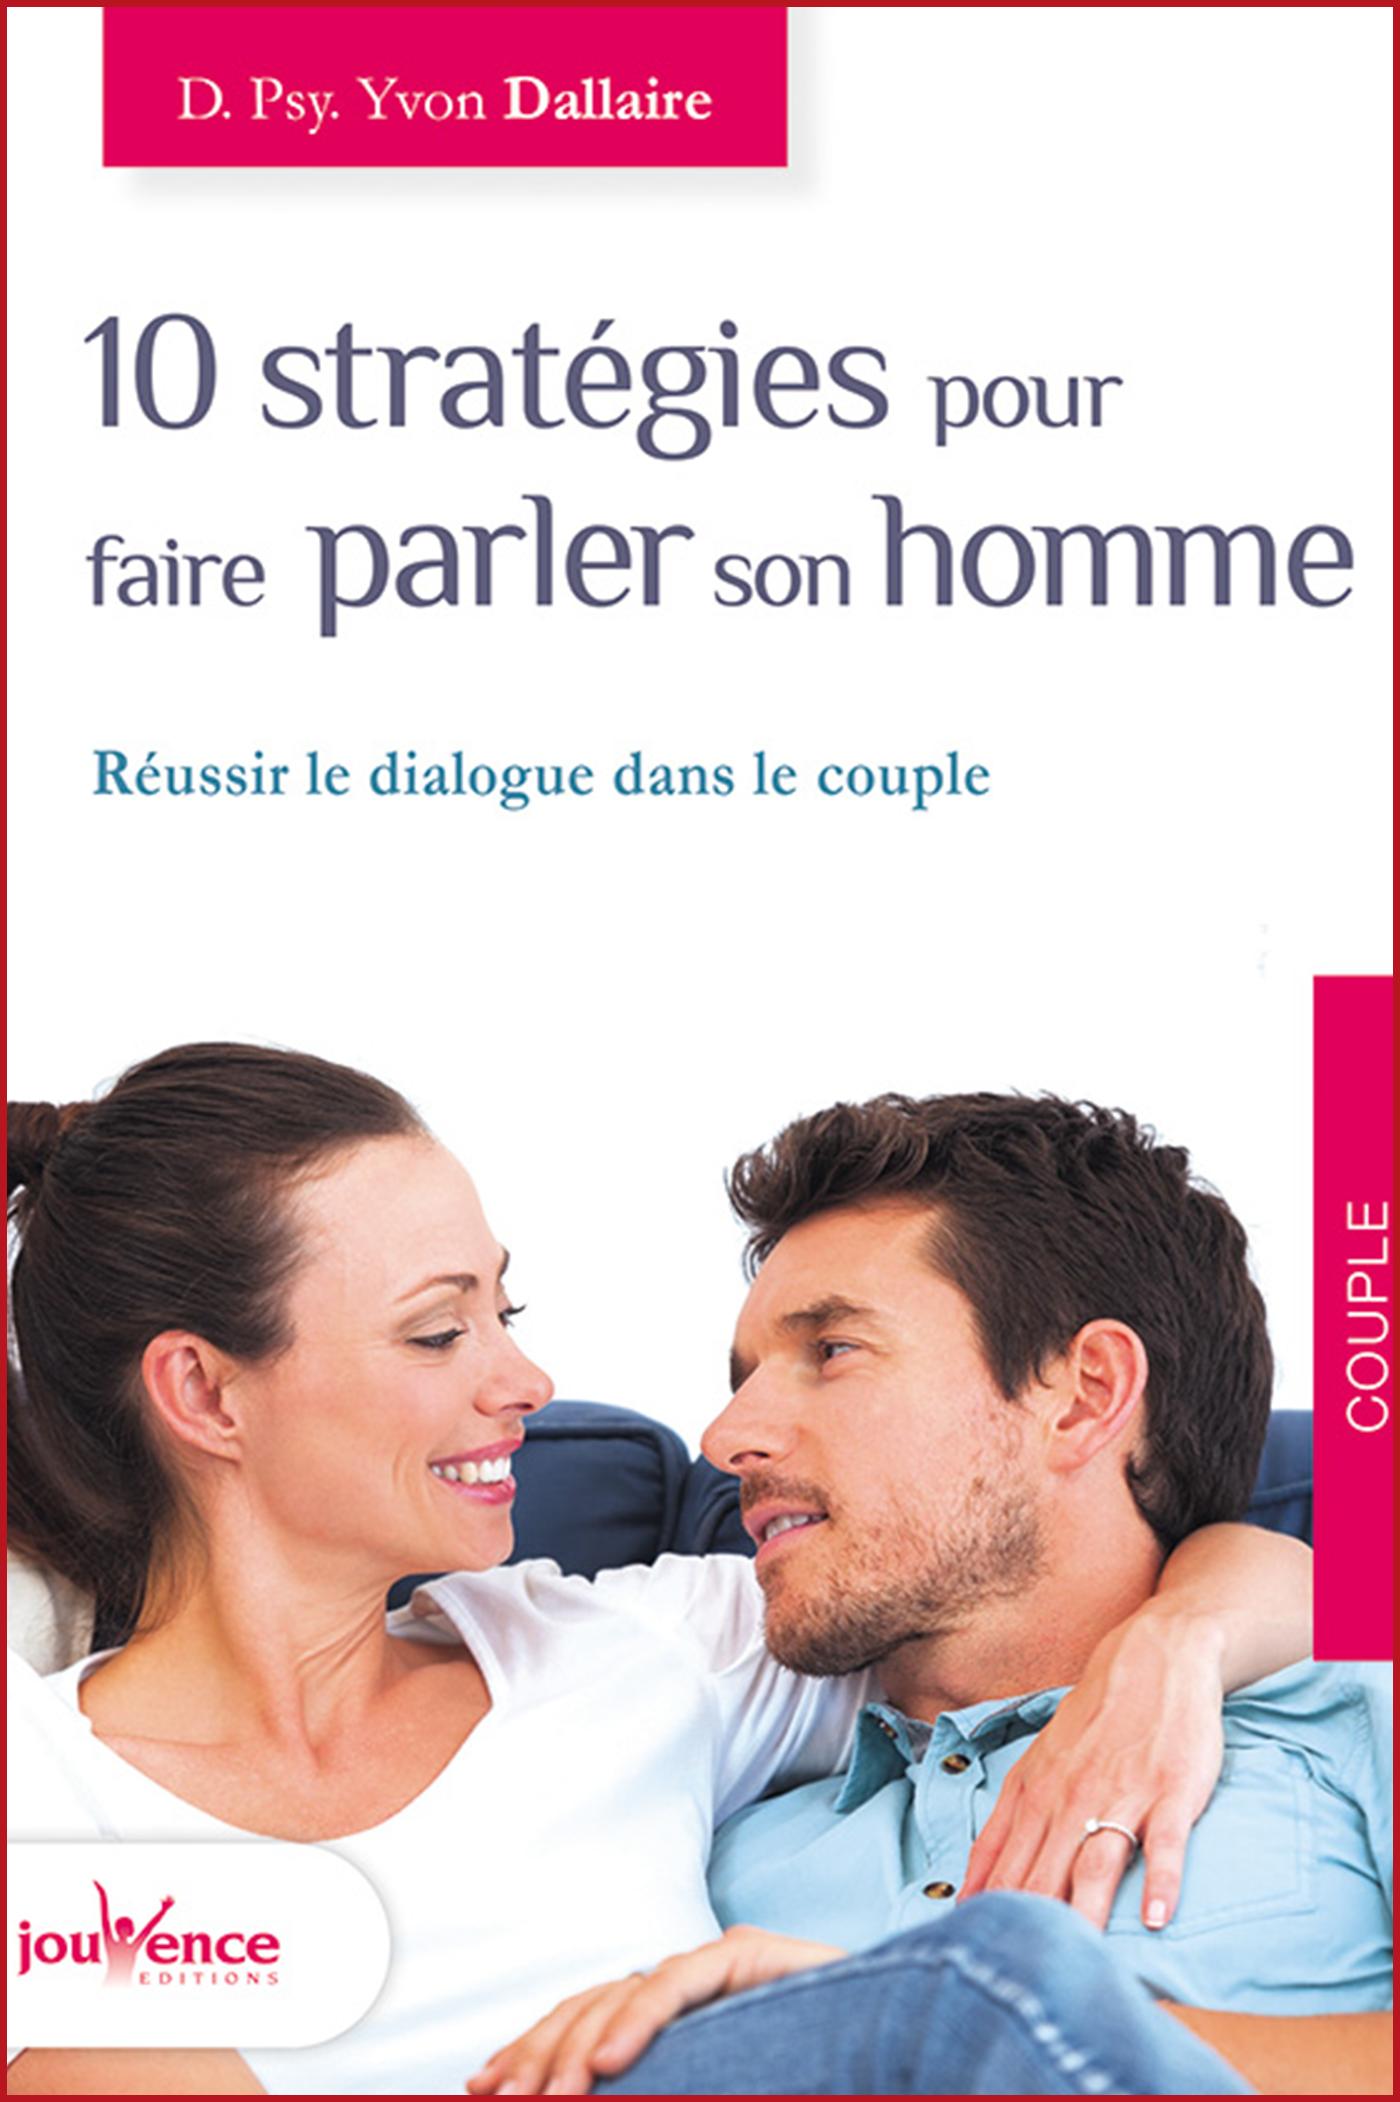 10 strategies pour faire parler son homme yvon dallaire livre en duel ou en duo valerie sentenne intello stephane lecault artiste couple